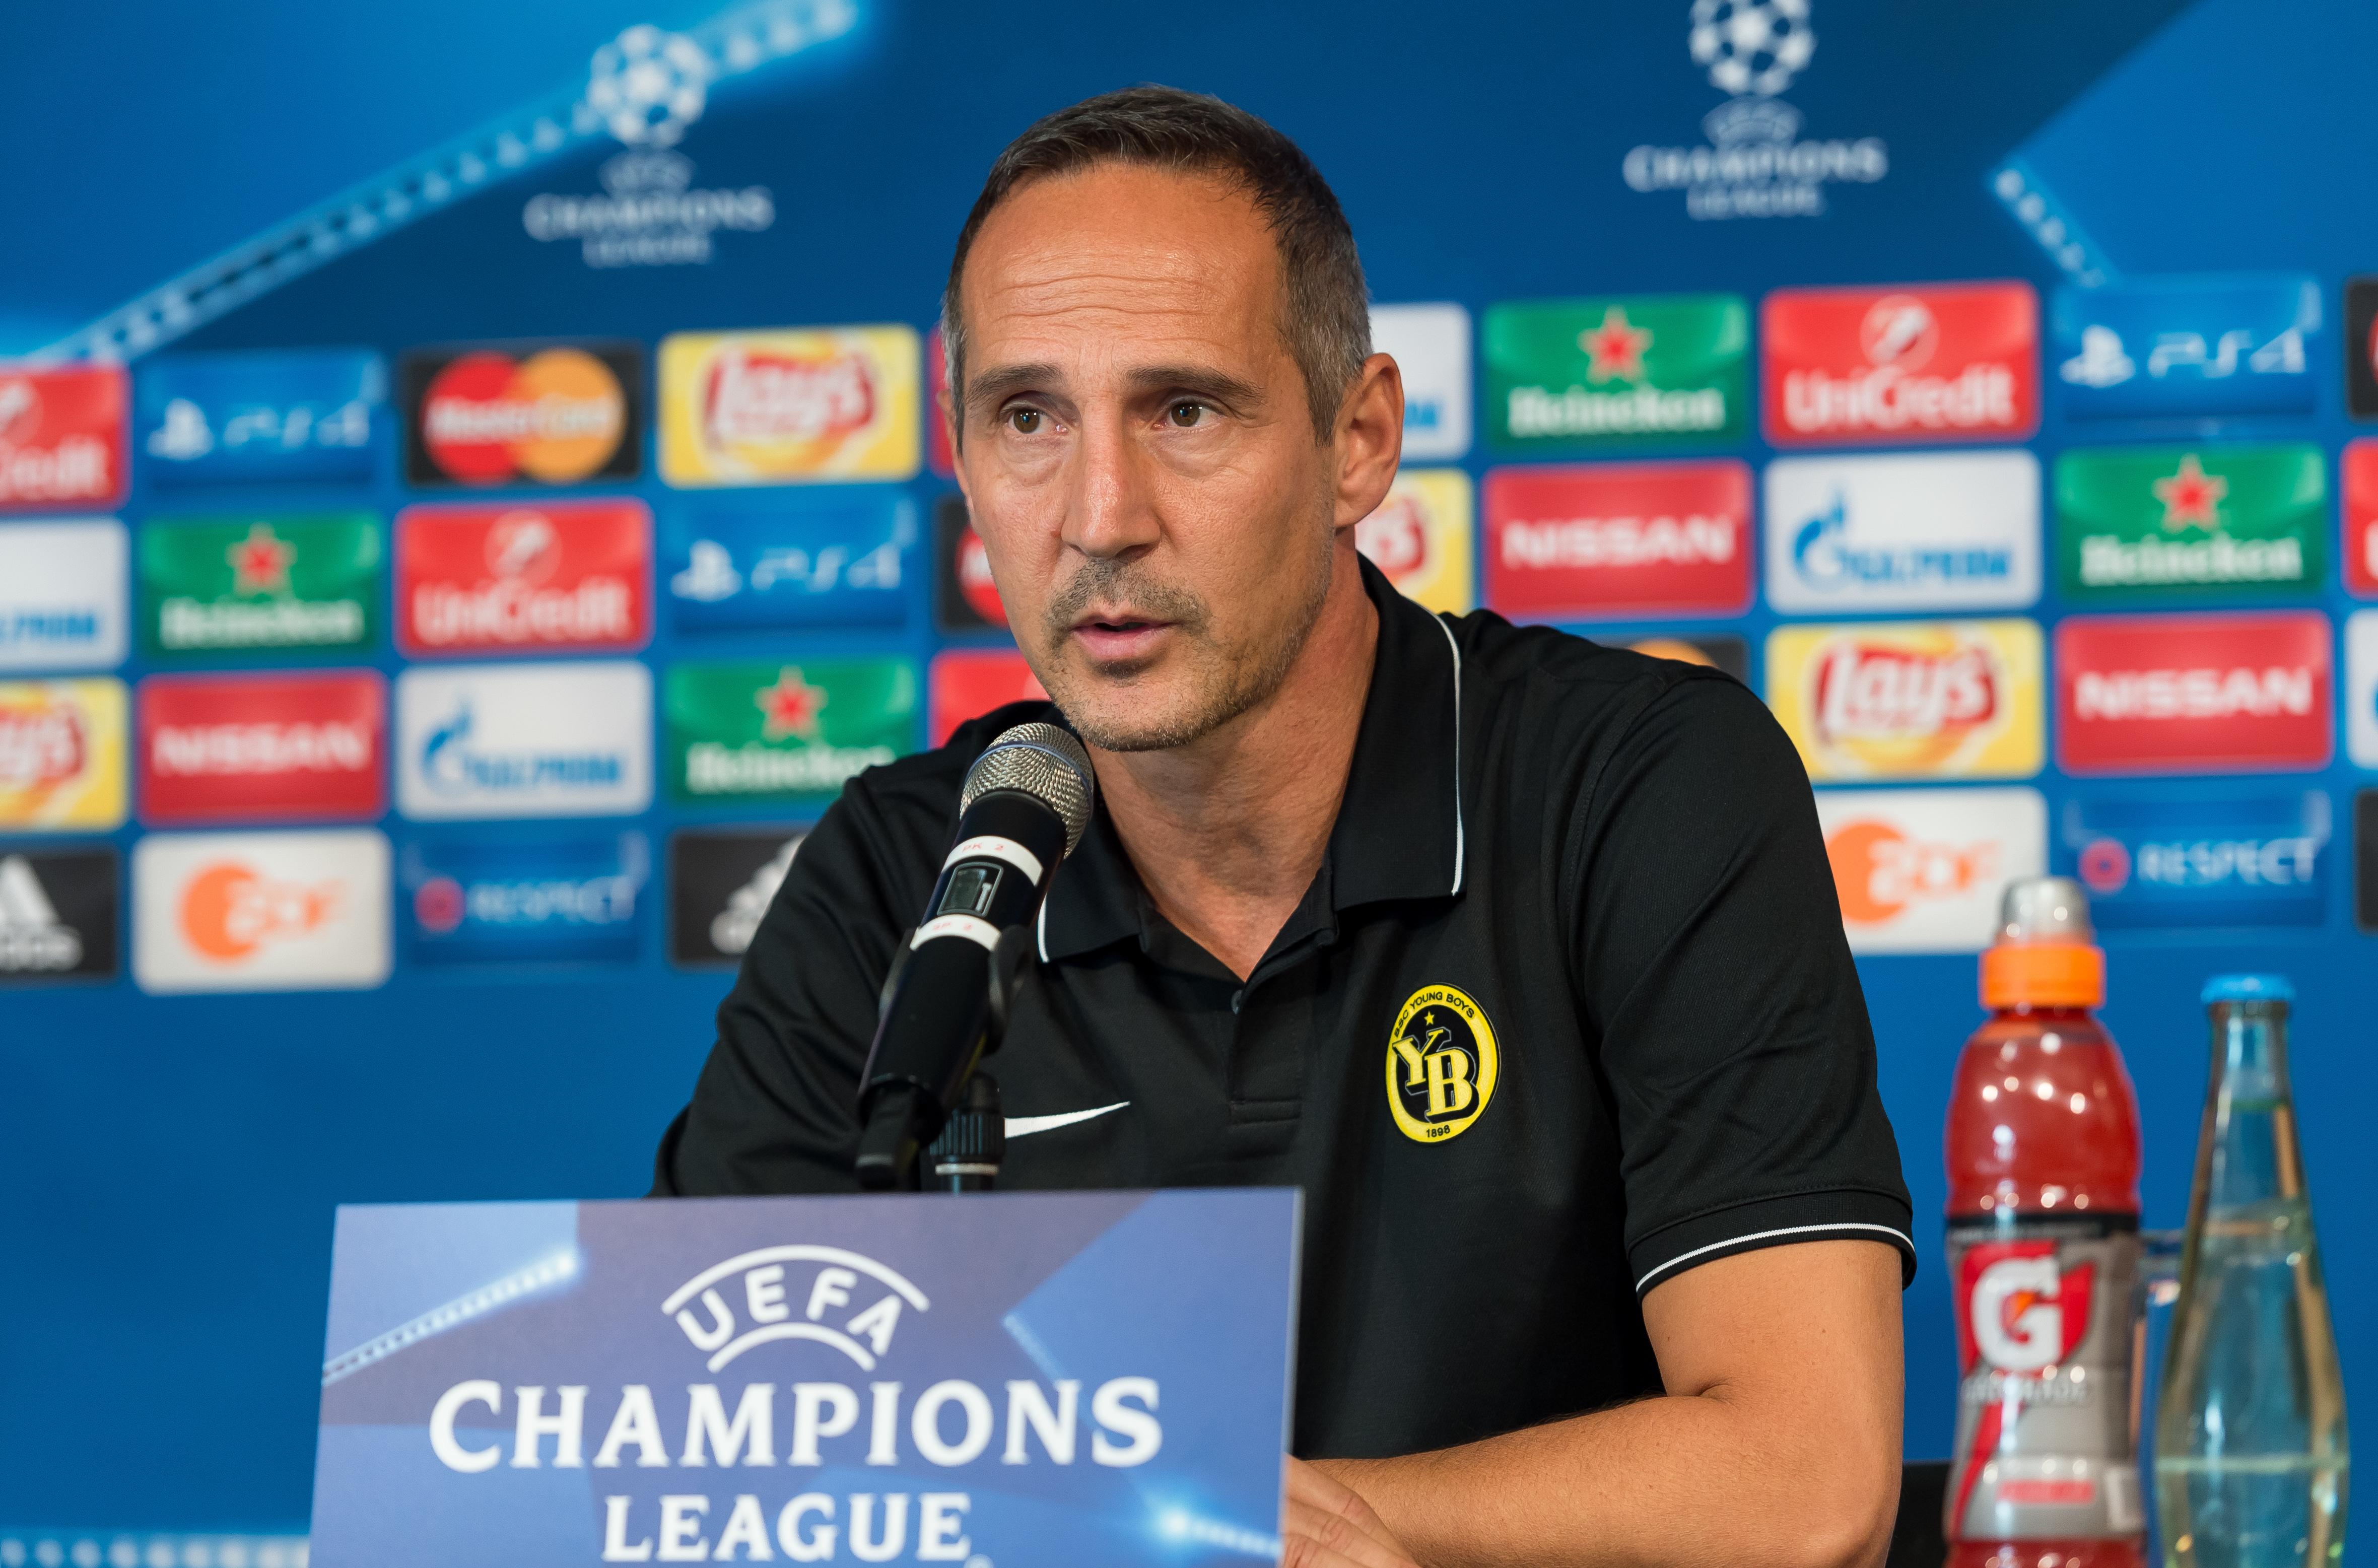 Adi Hütter bei einer Pressekonferenz der Young Boys Bern im Rahmen der Qualifikation zur Champions League 2016.